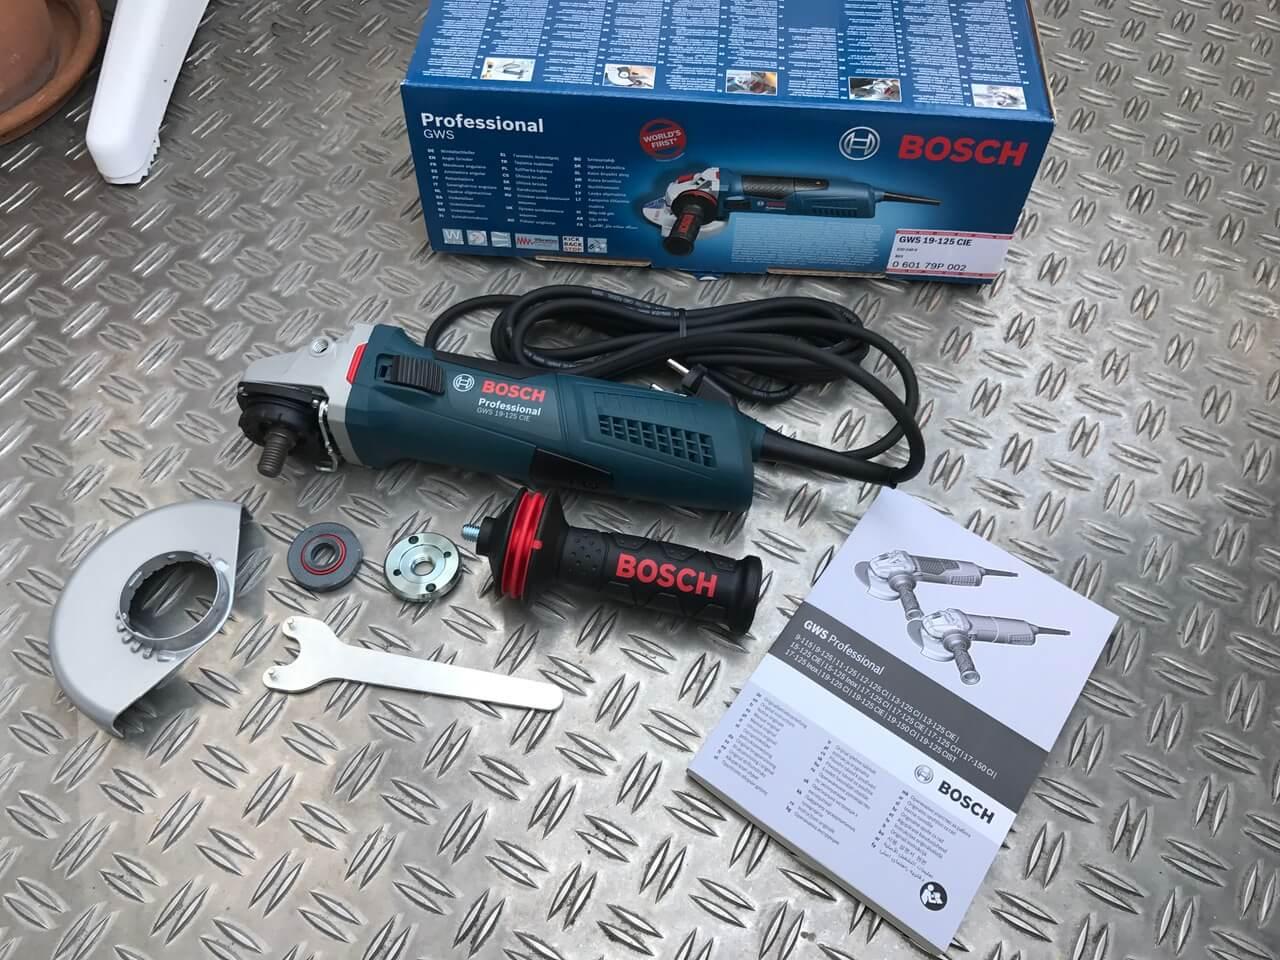 Paketinhalt vom Bosch Winkelschleifer GWS 19-125 CIE